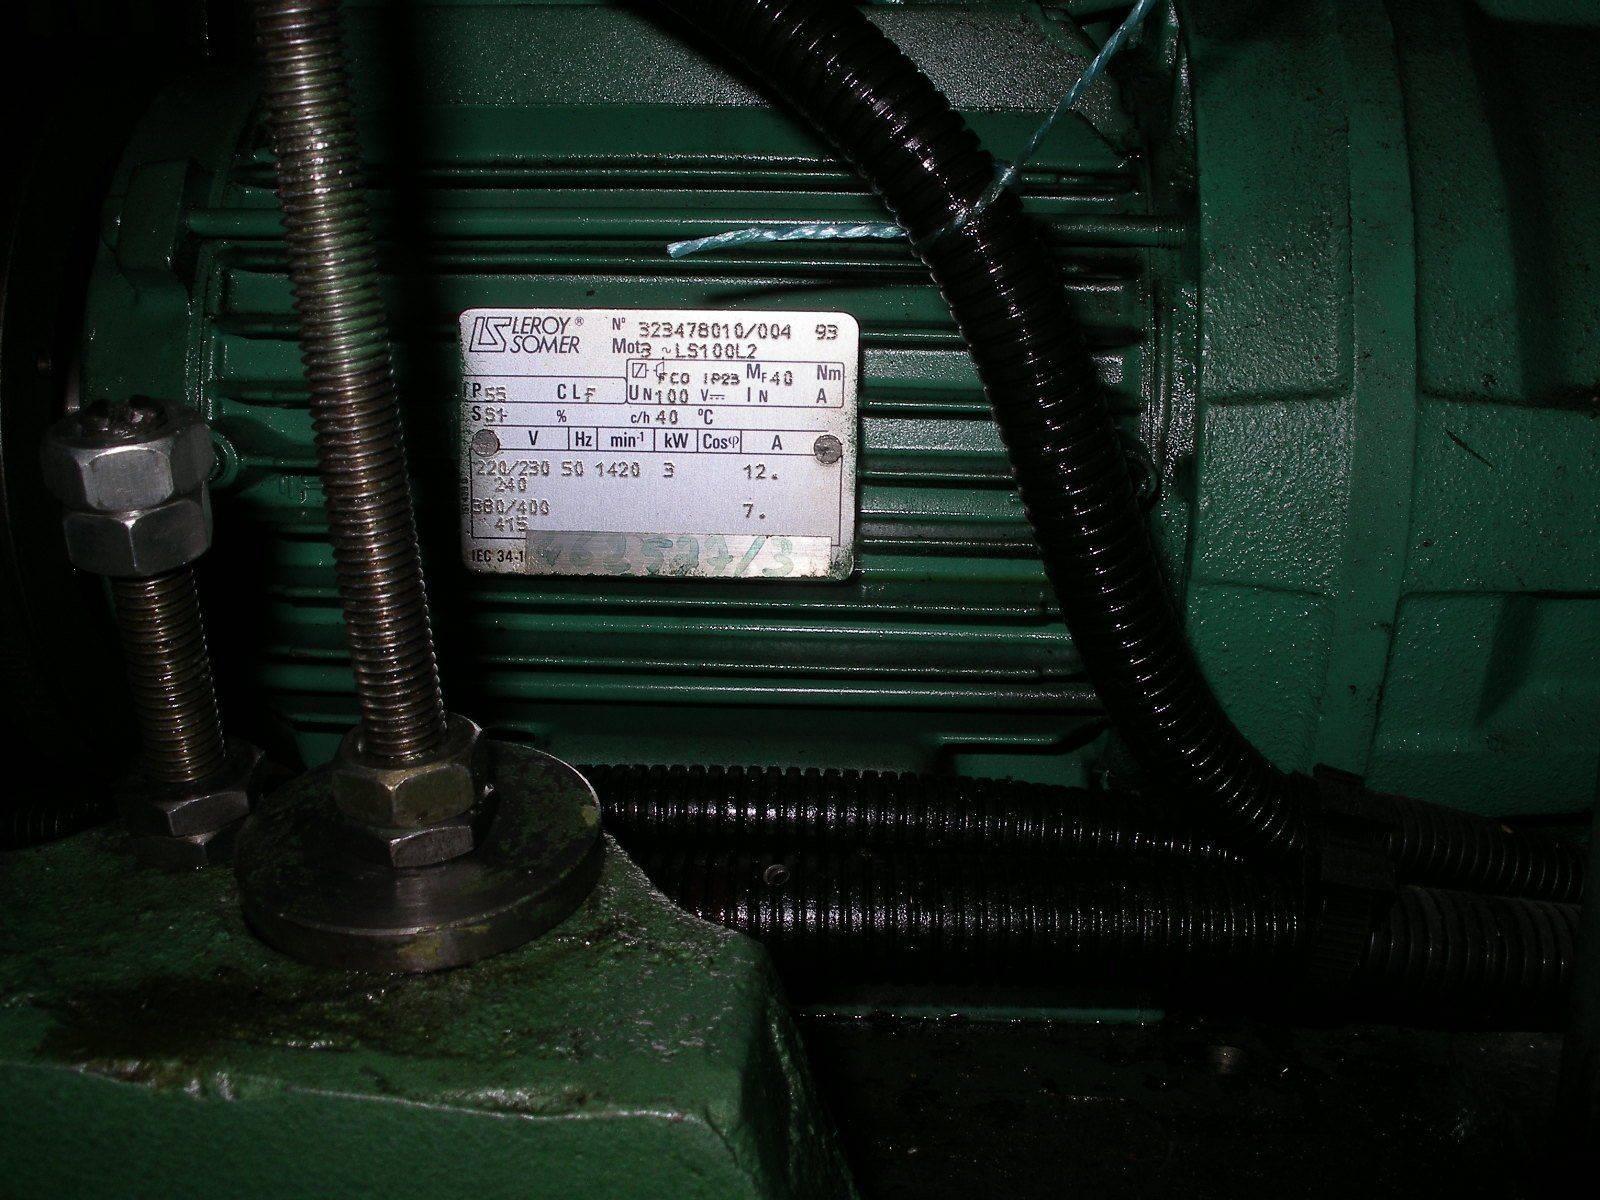 IMGP4198.JPG